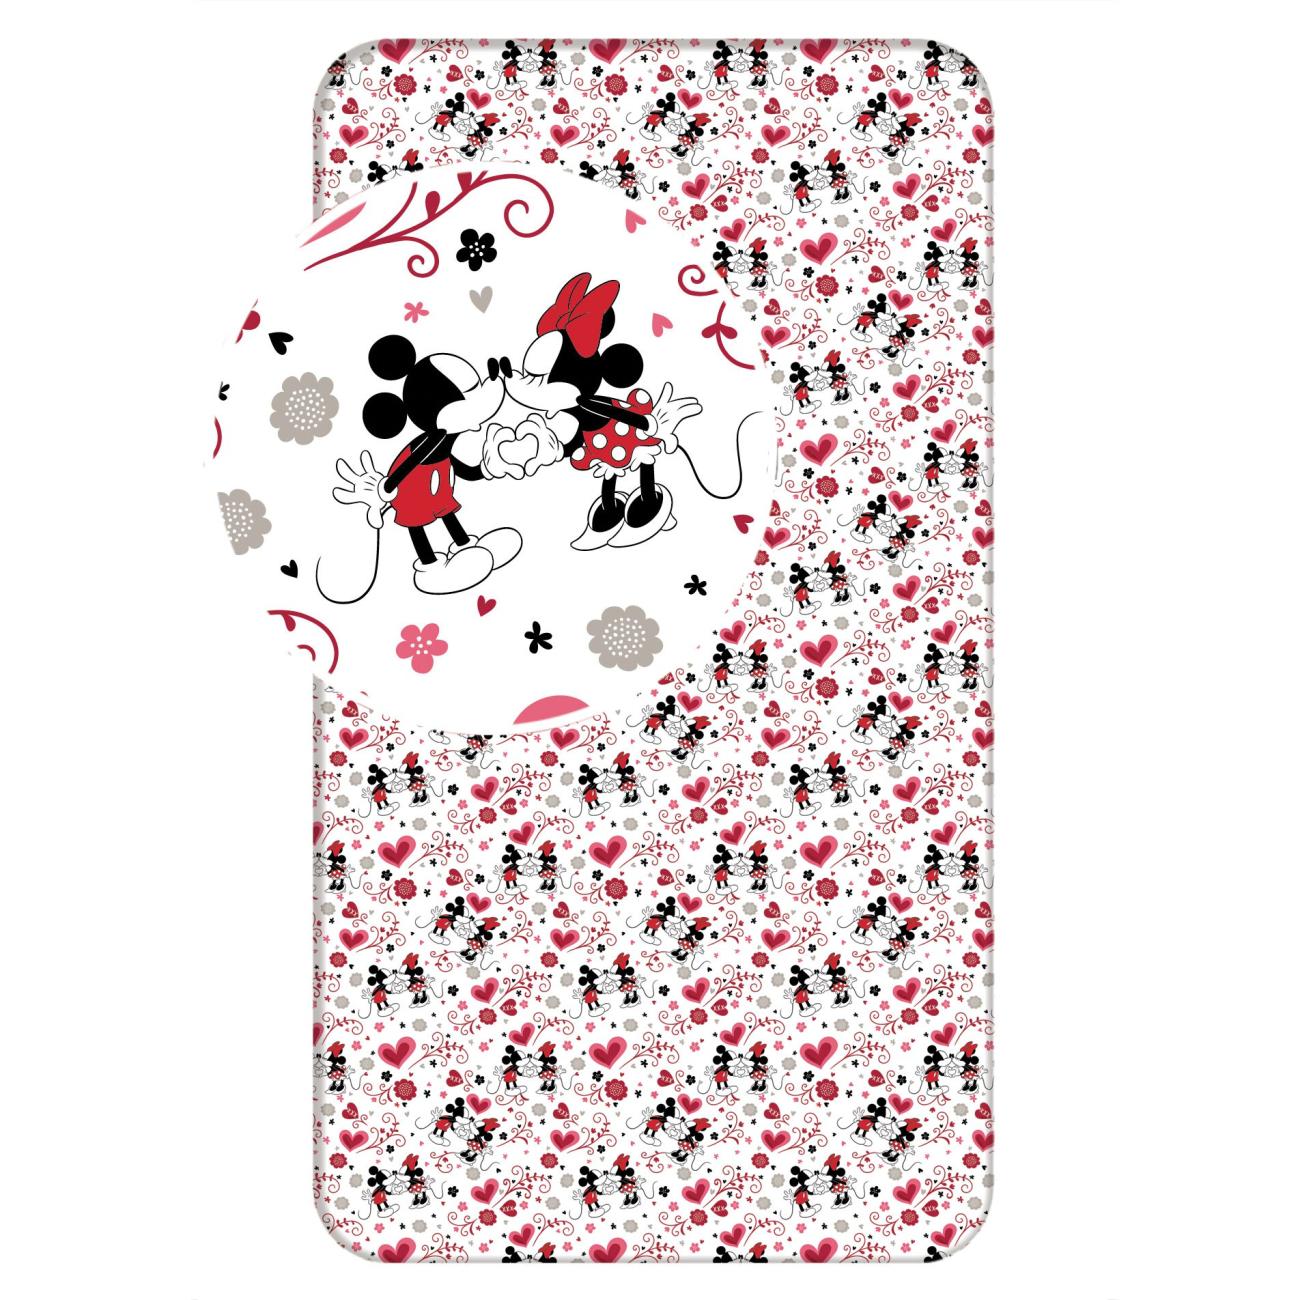 Prostěradlo bavlna, Minnie hearts 2016, jednolůžko 90x200cm*